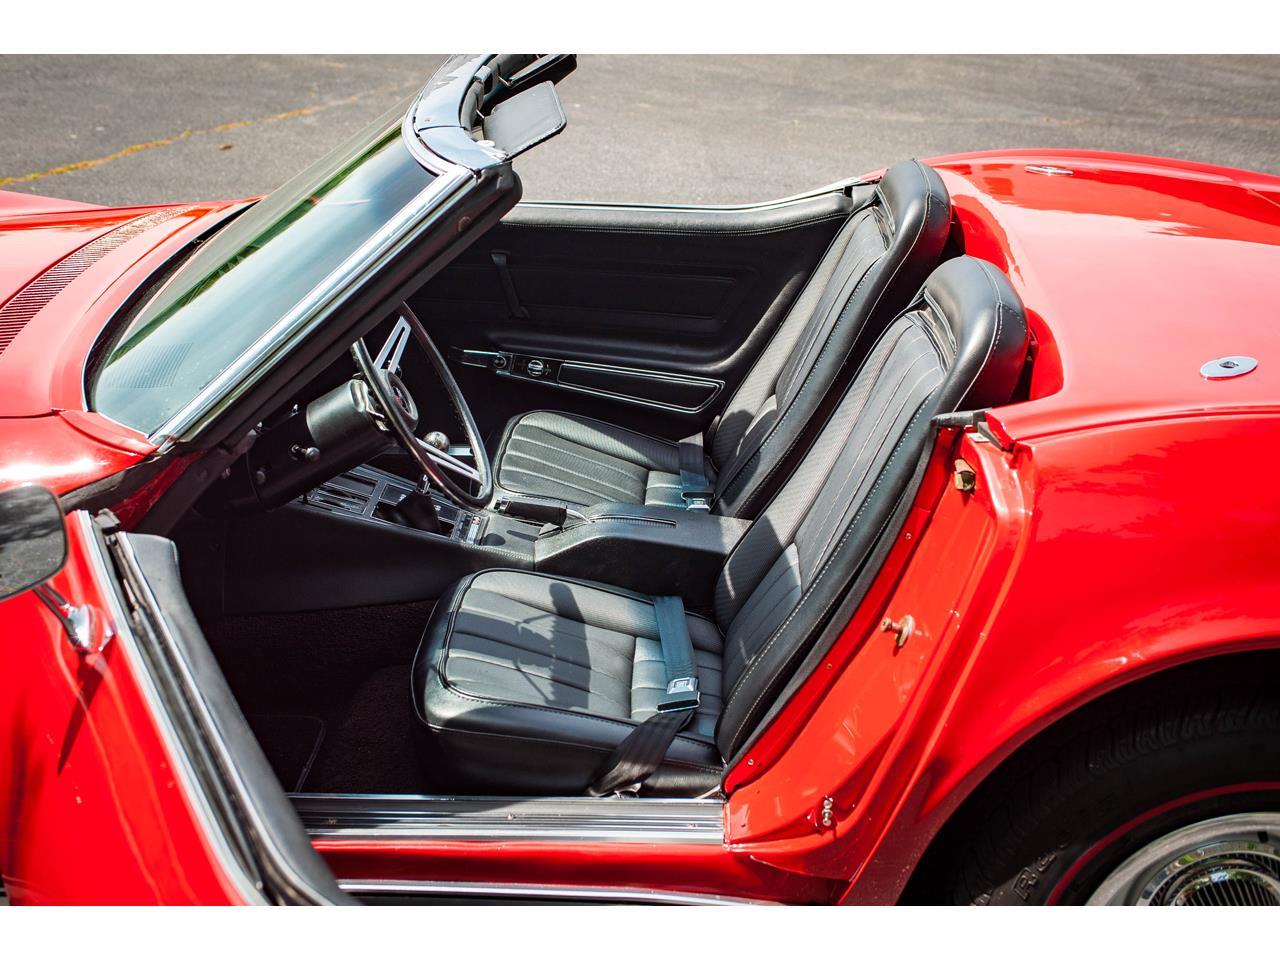 Large Picture of Classic 1971 Corvette located in O'Fallon Illinois - $40,500.00 - QB9M